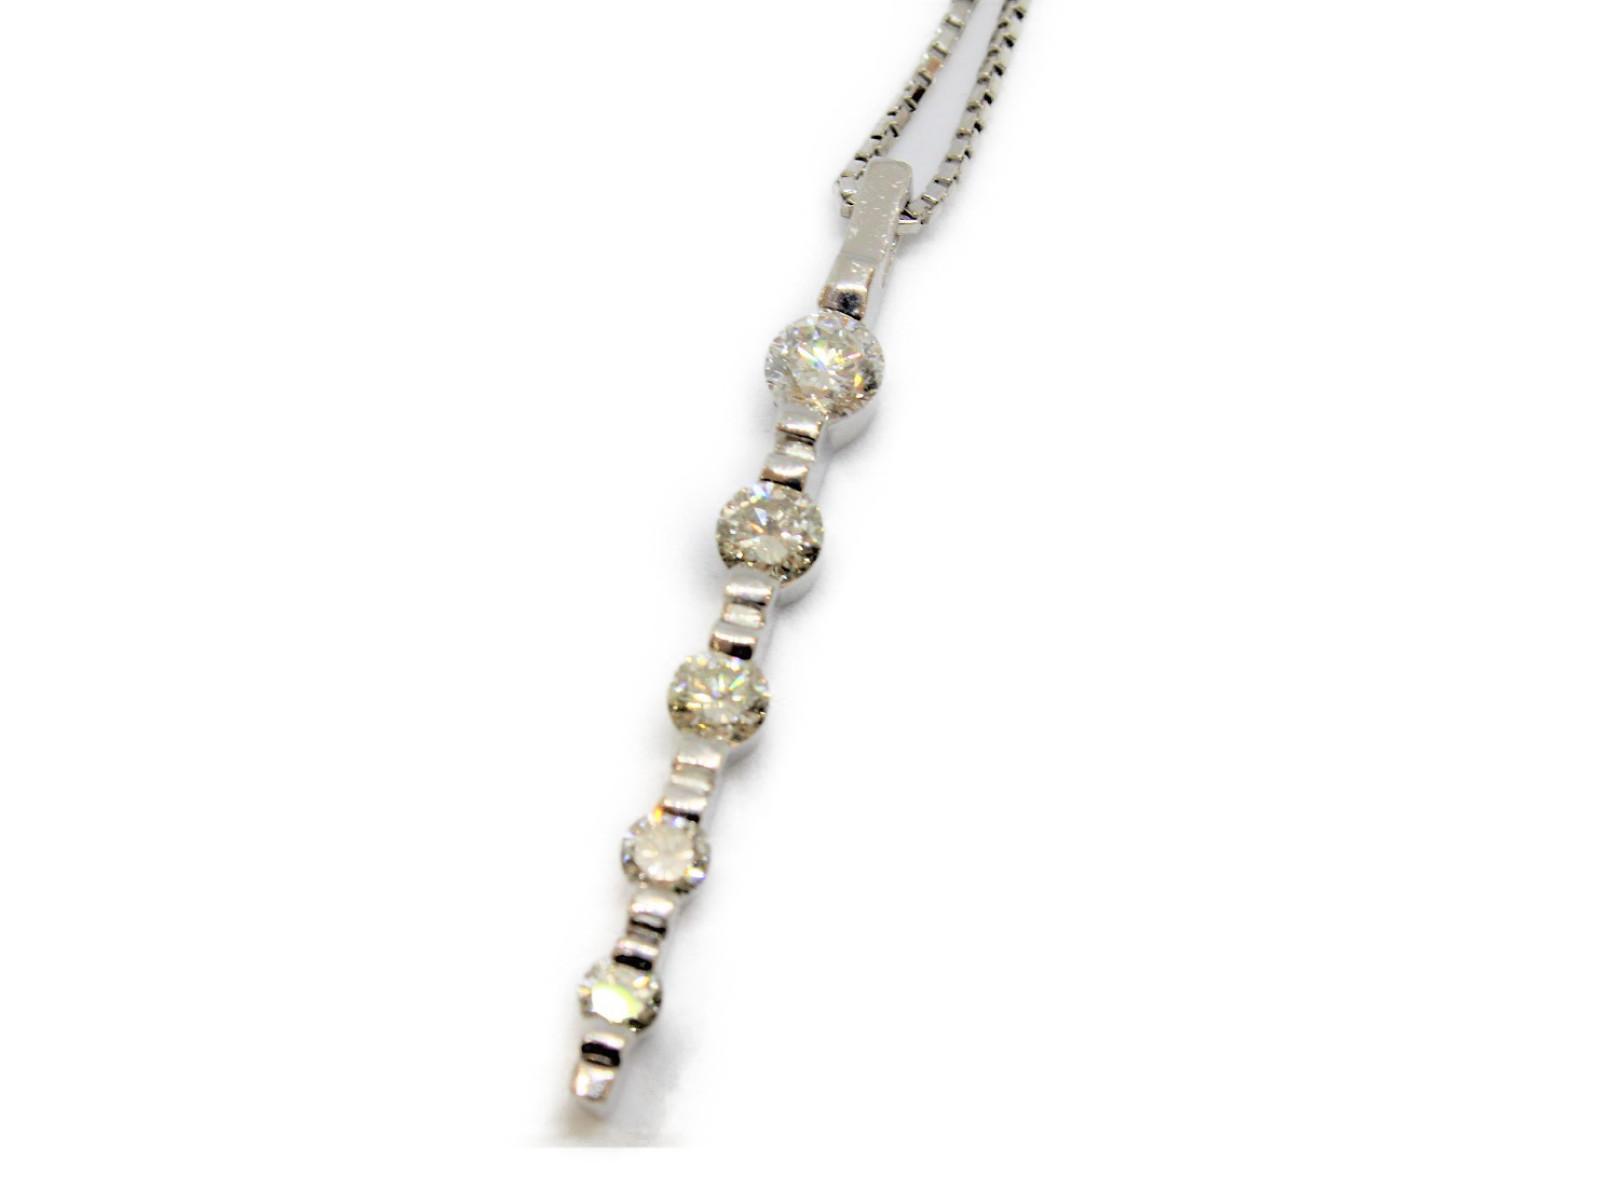 ダイヤモンド デザイン ネックレスダイヤ 5P ペンダントPt850 Pt900 プラチナ大人 ゴージャス 豪華キレイ 上品 ジュエリー 宝石プレゼントにいかがですか?ギフト包装可 【中古】